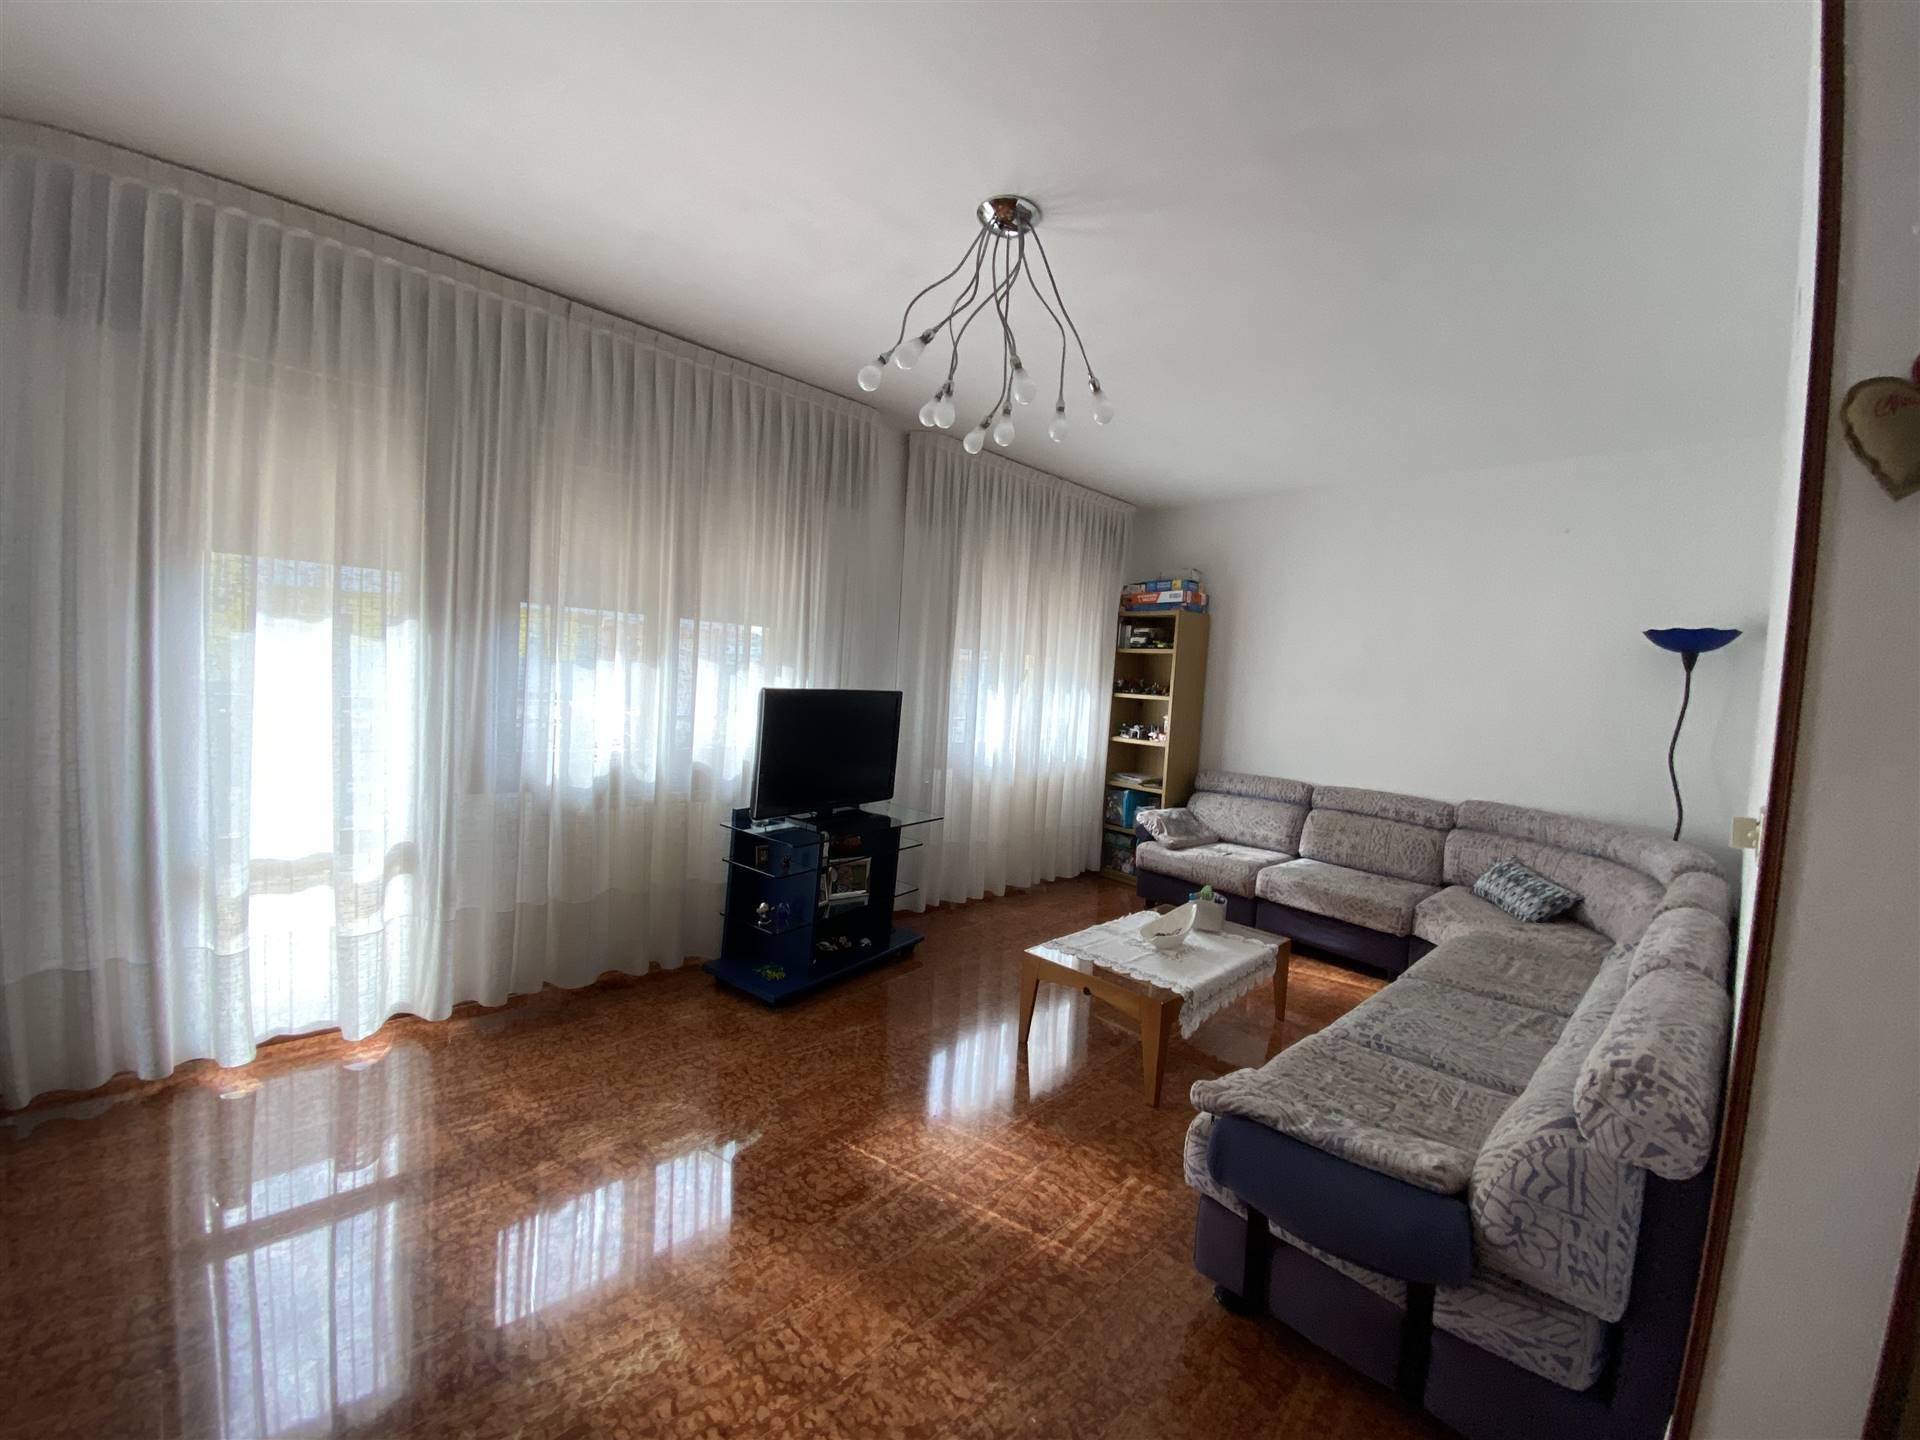 Rif. B245 SOTTOMARINA: Vendesi ampio appartamento al primo piano di 100 mq con ampia terrazza, situato in un piccolo contesto di sole due unità.